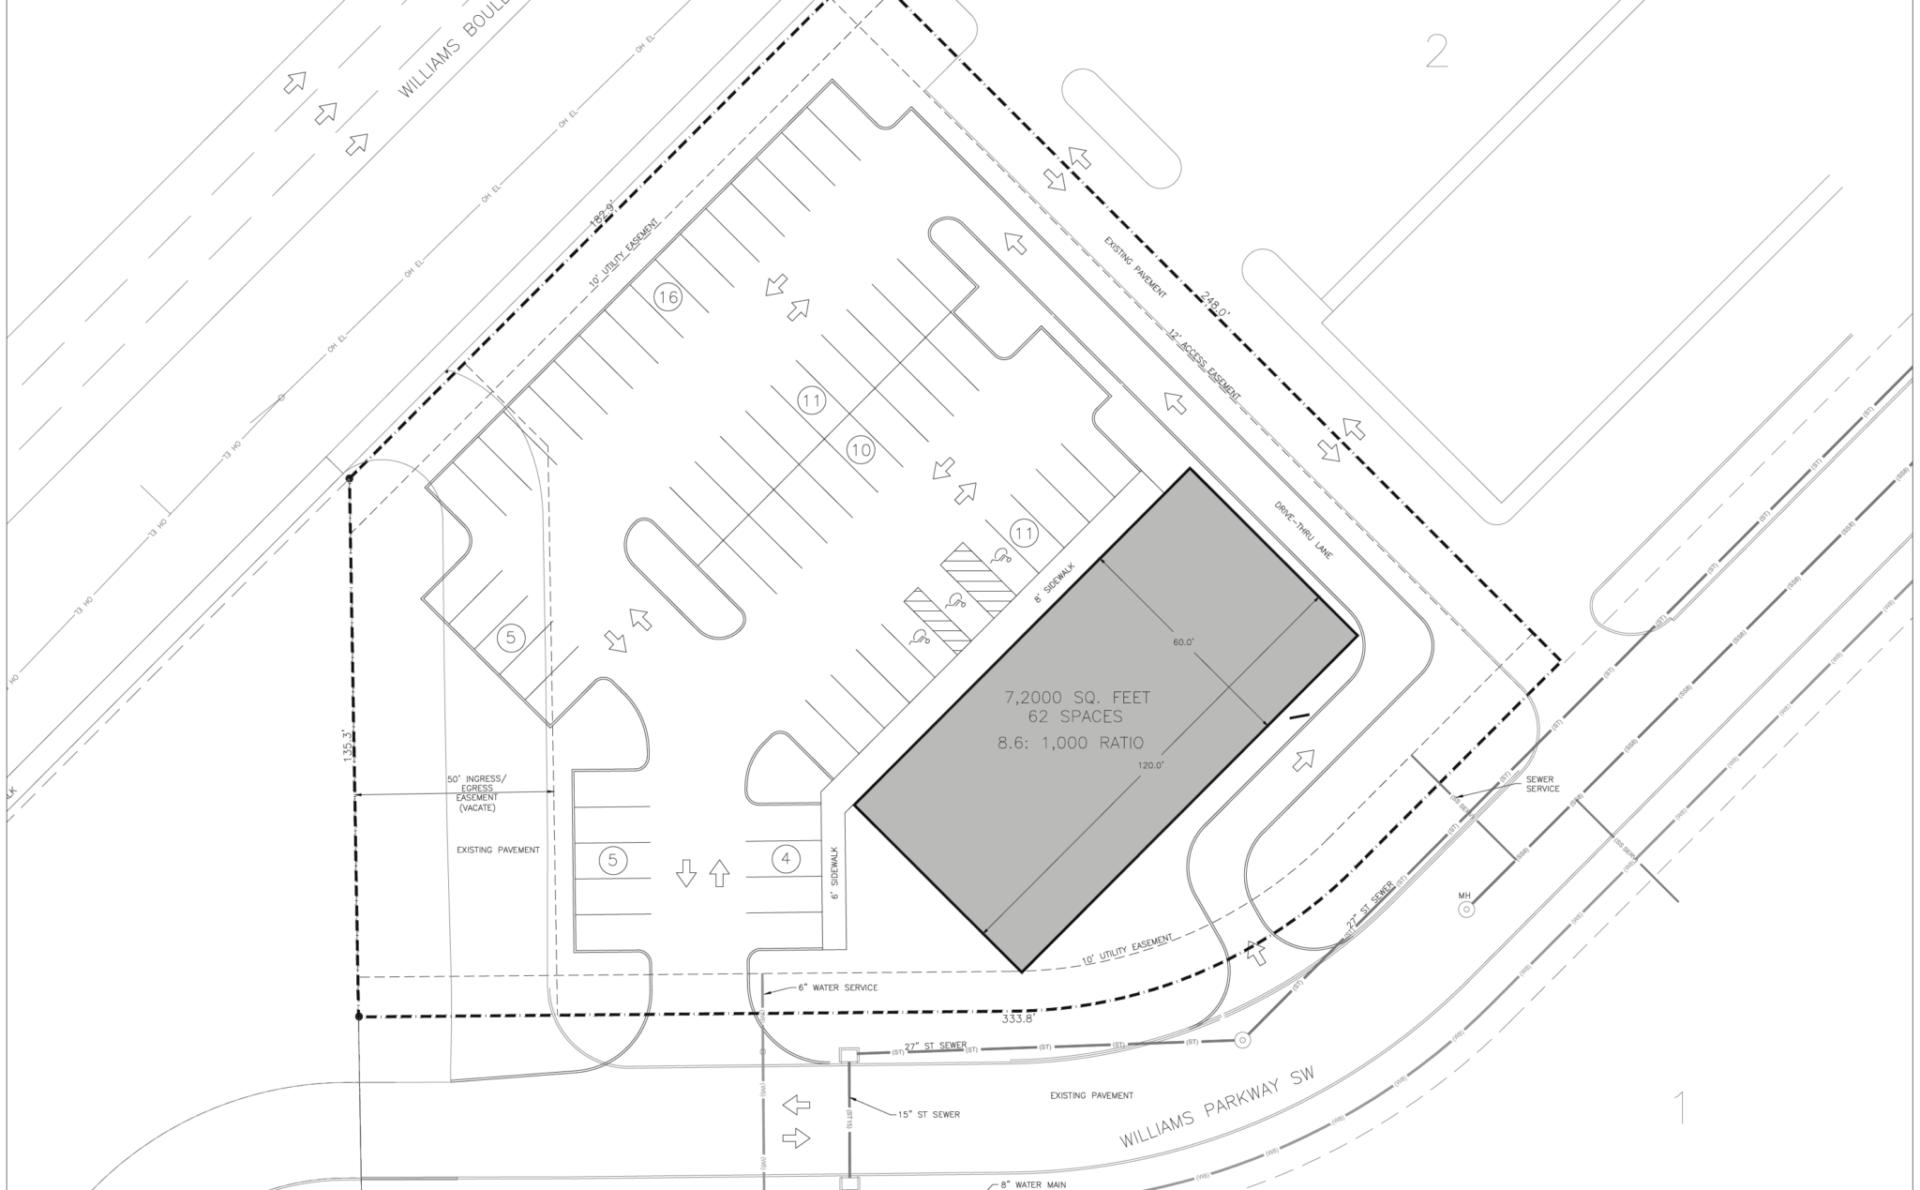 Cedar Rapids Real Estate Development